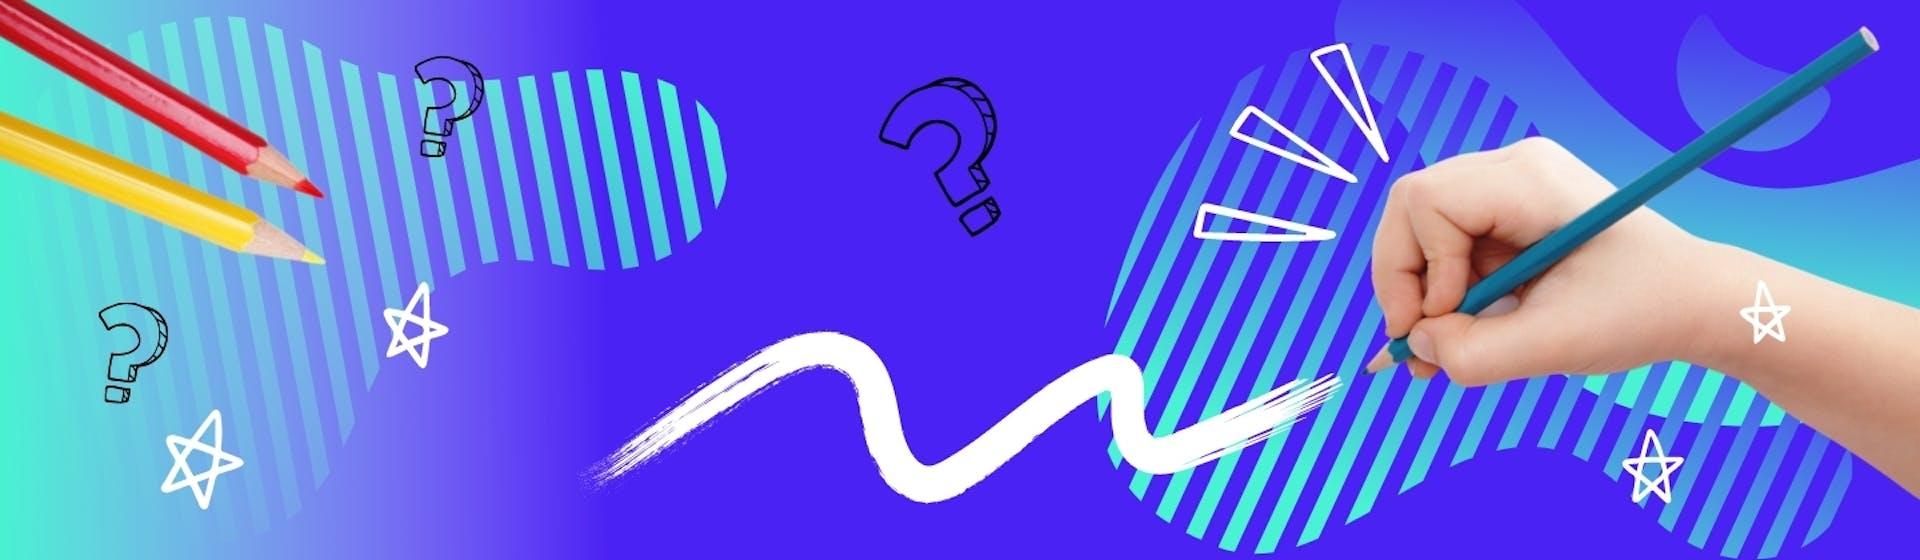 ¿Cómo encontrar tu estilo de dibujo? 4 ejercicios para descubrirte